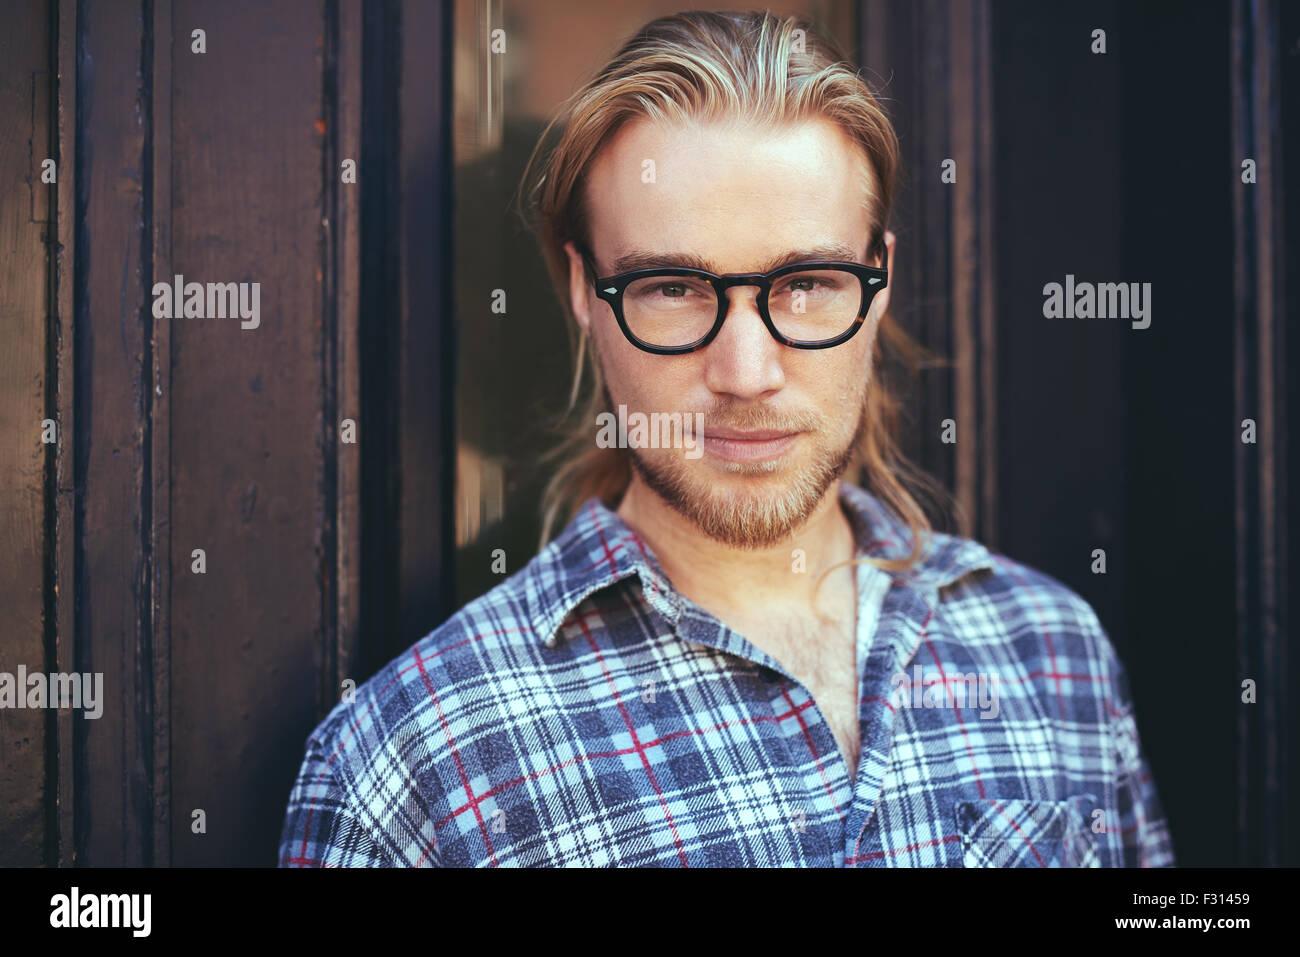 Closeup portrait de l'homme blond aux cheveux longs et lunettes. L'homme réfléchi Banque D'Images